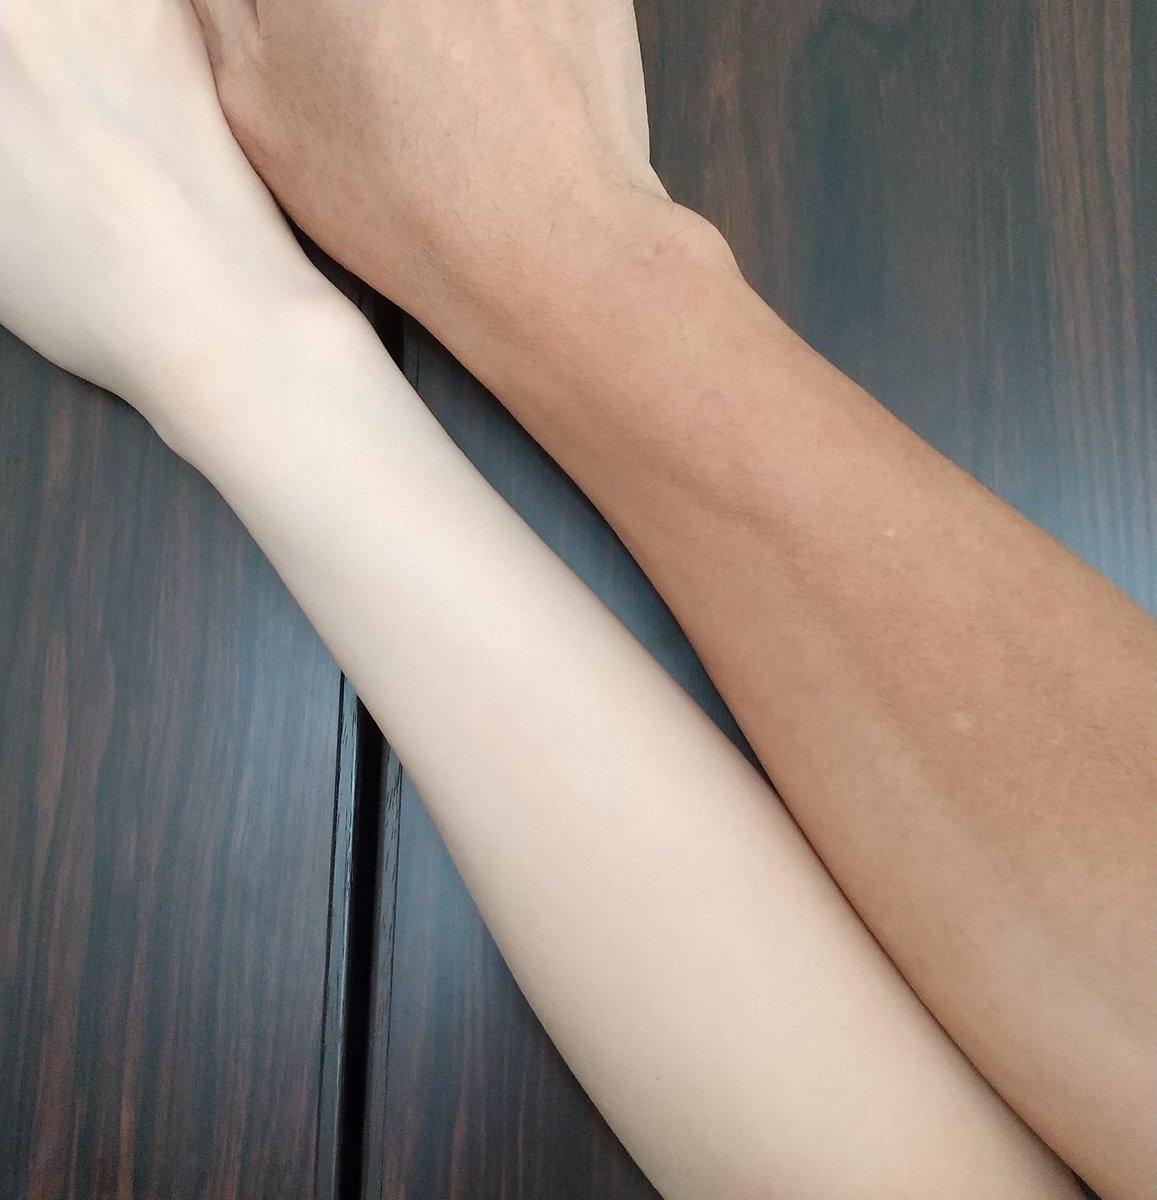 UVパーカーやメラノCCジェルがおすすめ!夏でも真っ白な腕を維持する方法がこちら!